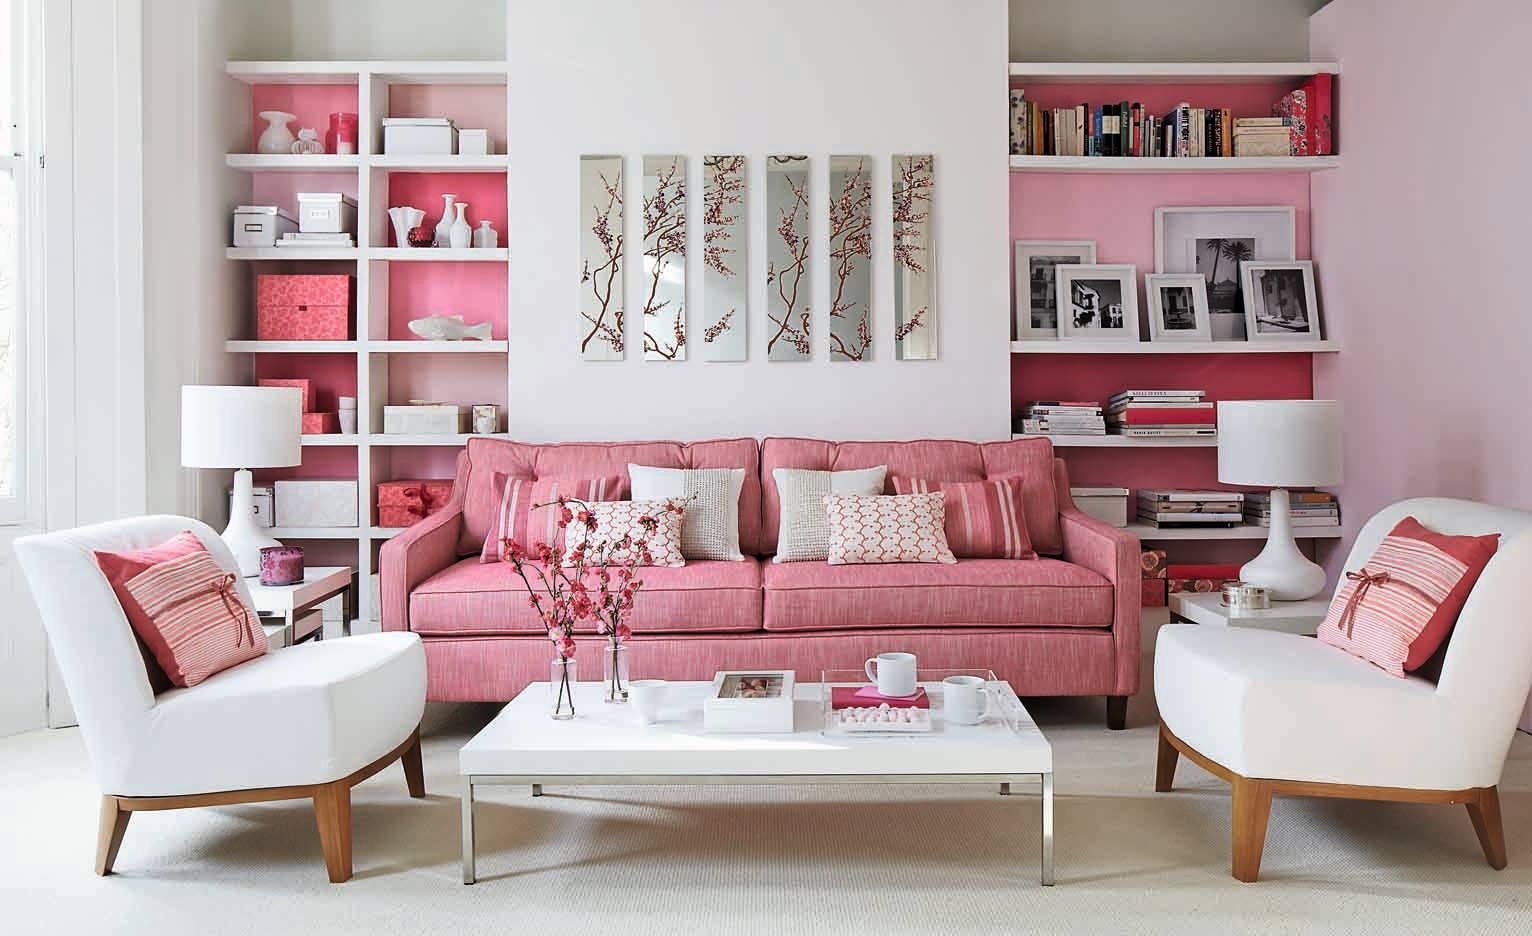 Les bonnes idées pour votre décoration intérieure